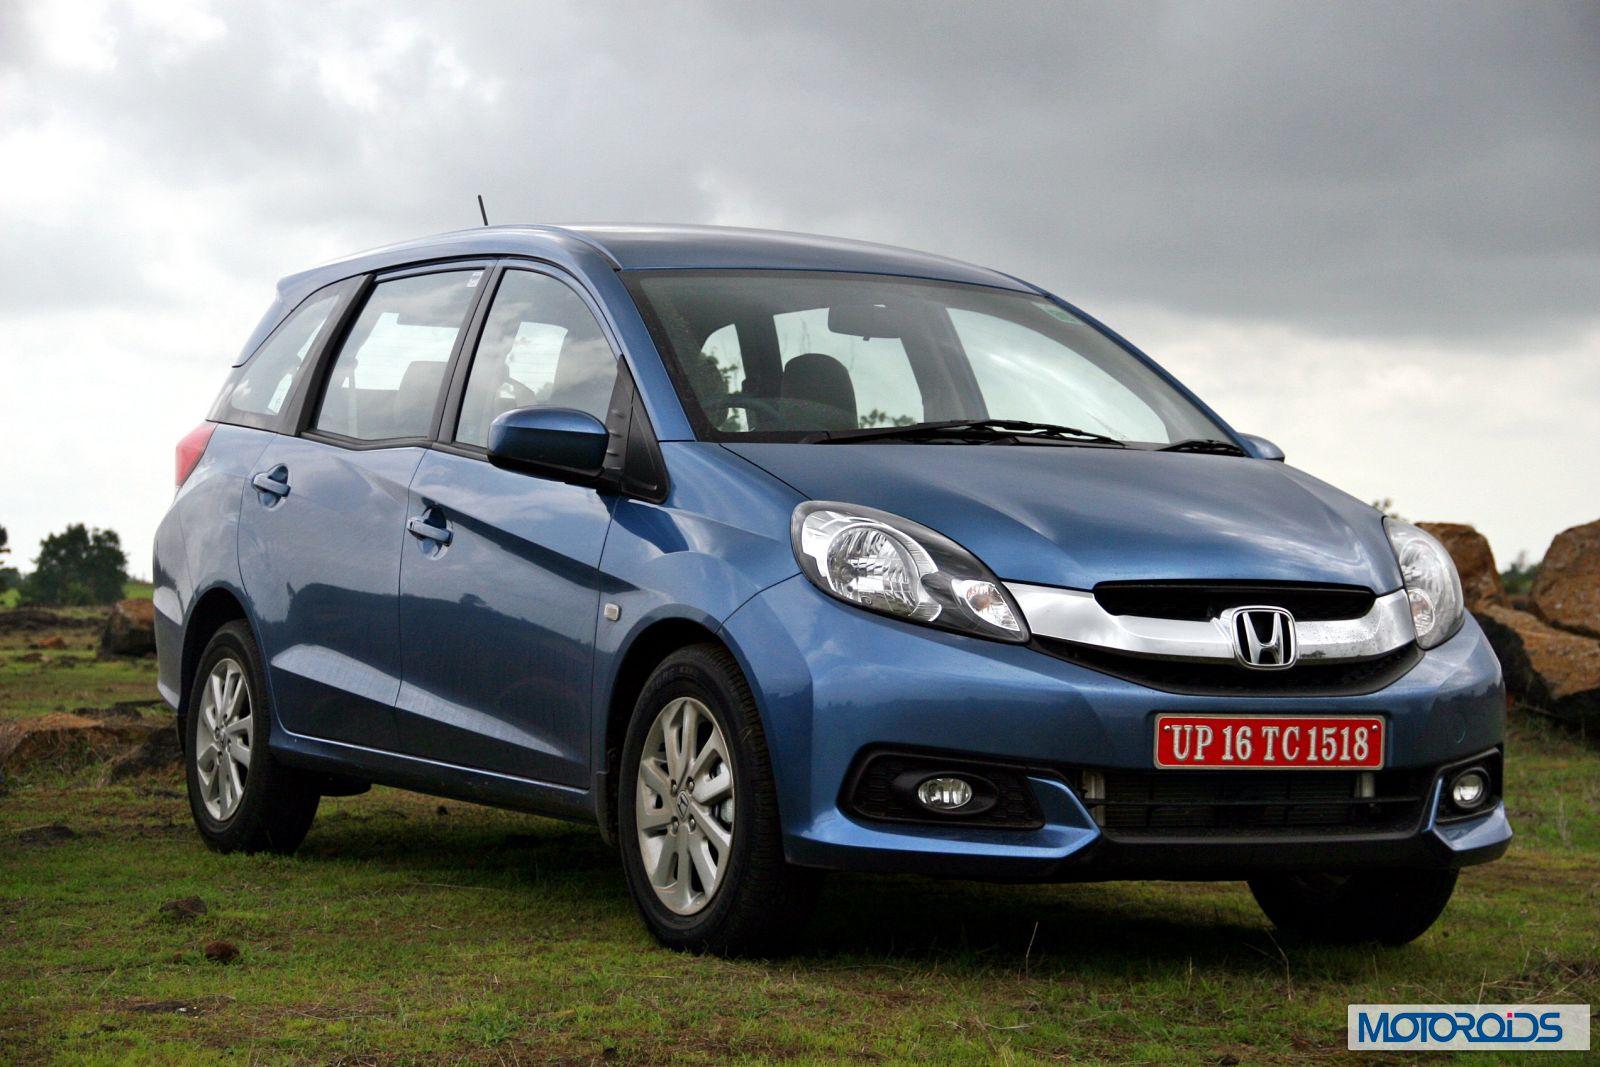 Honda Mobilio Production Discontinued In India Motoroids